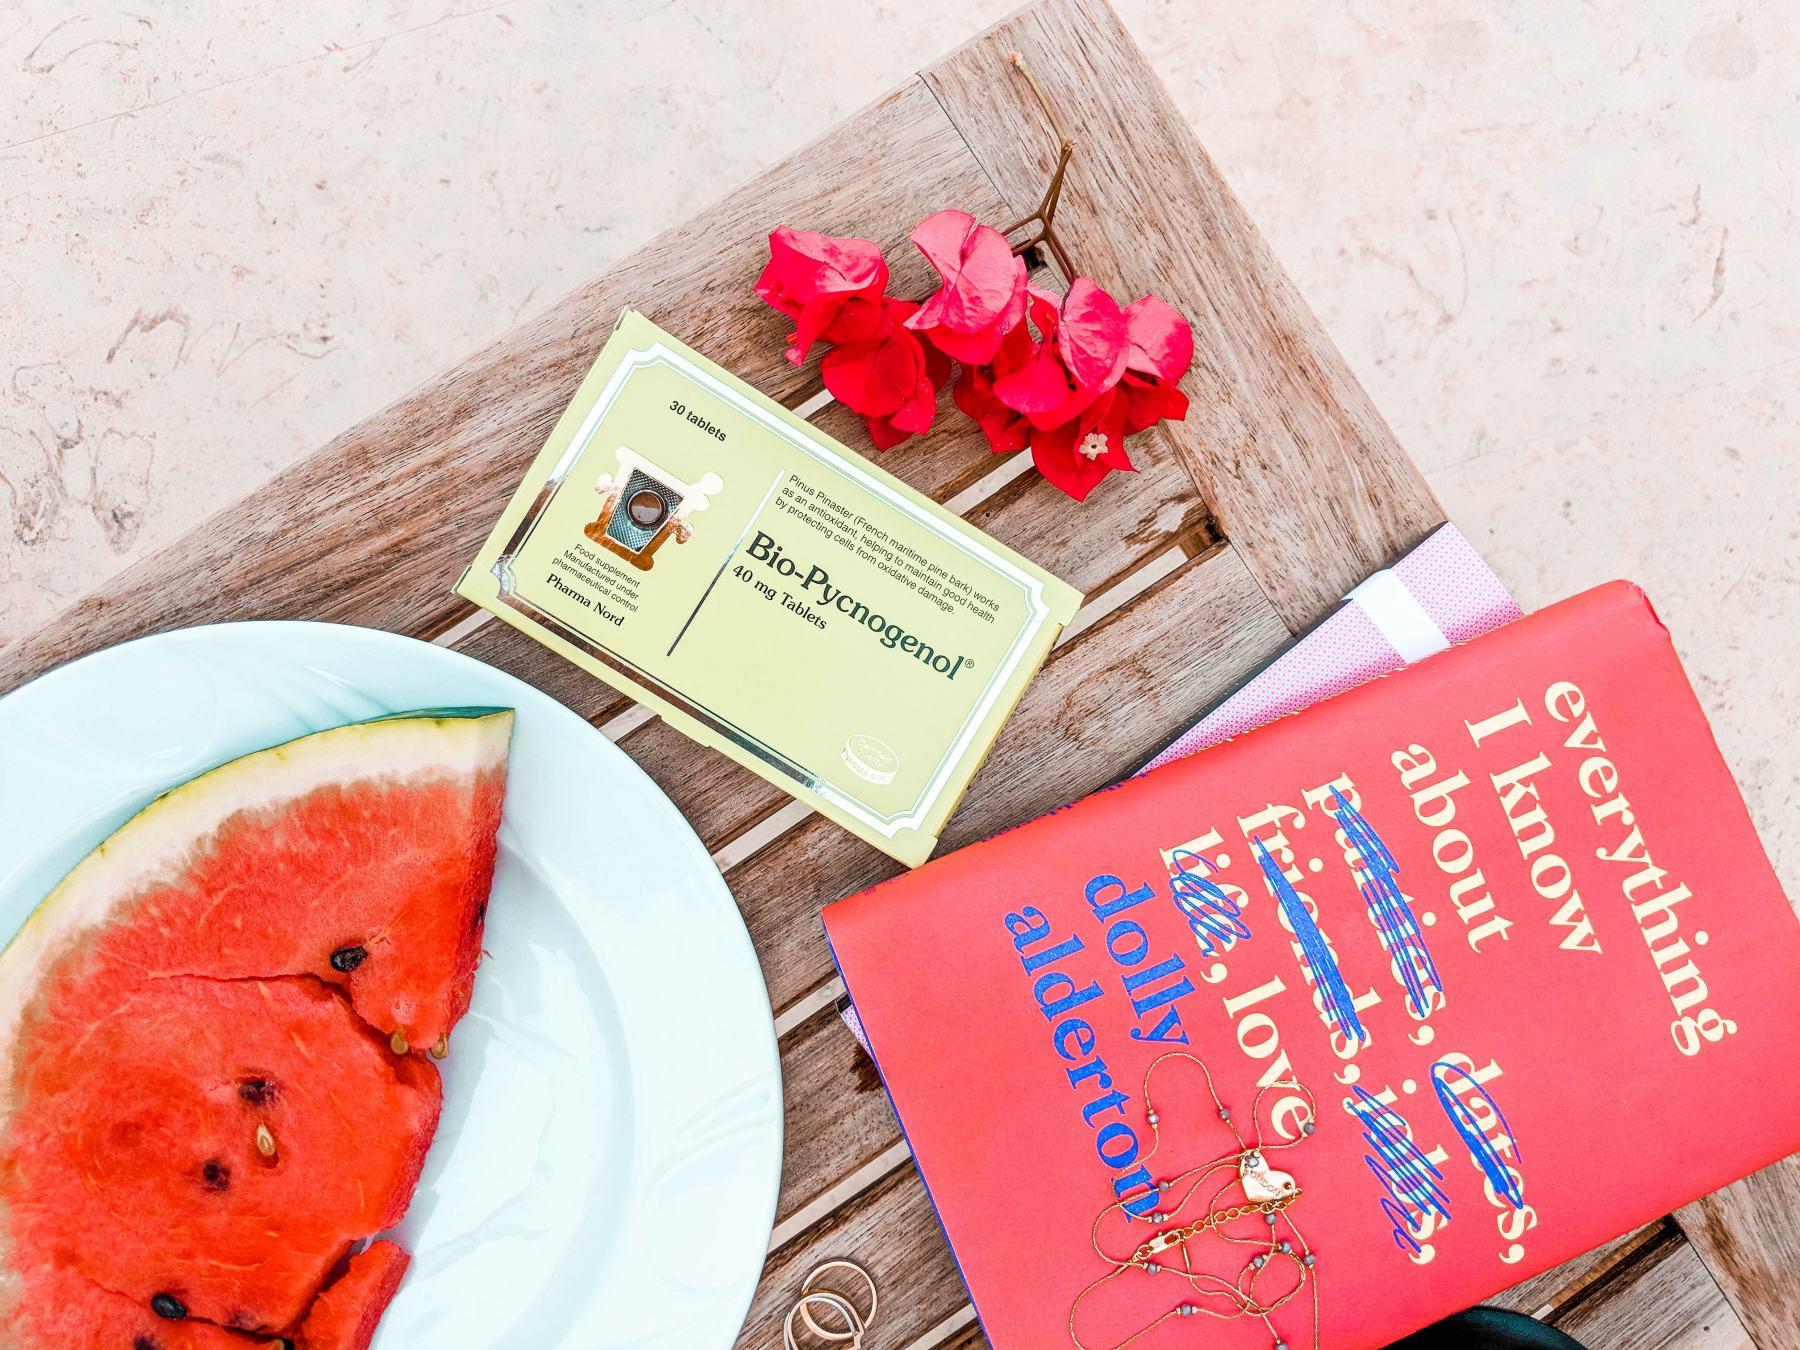 cocoa chelsea jesschamilton travel swimwear health travel watermelon